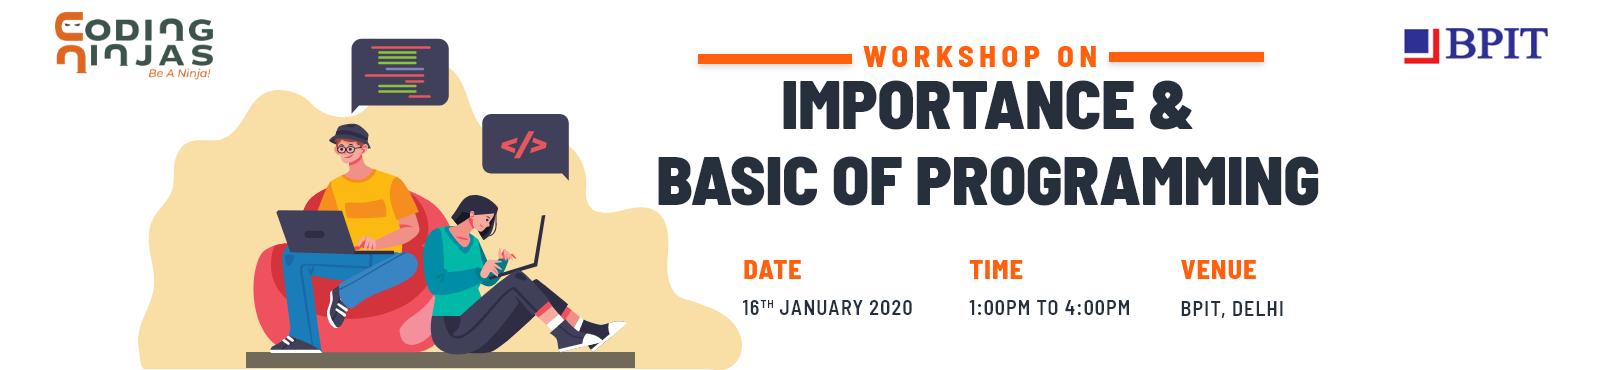 Importance and Basics of Programming at BPIT